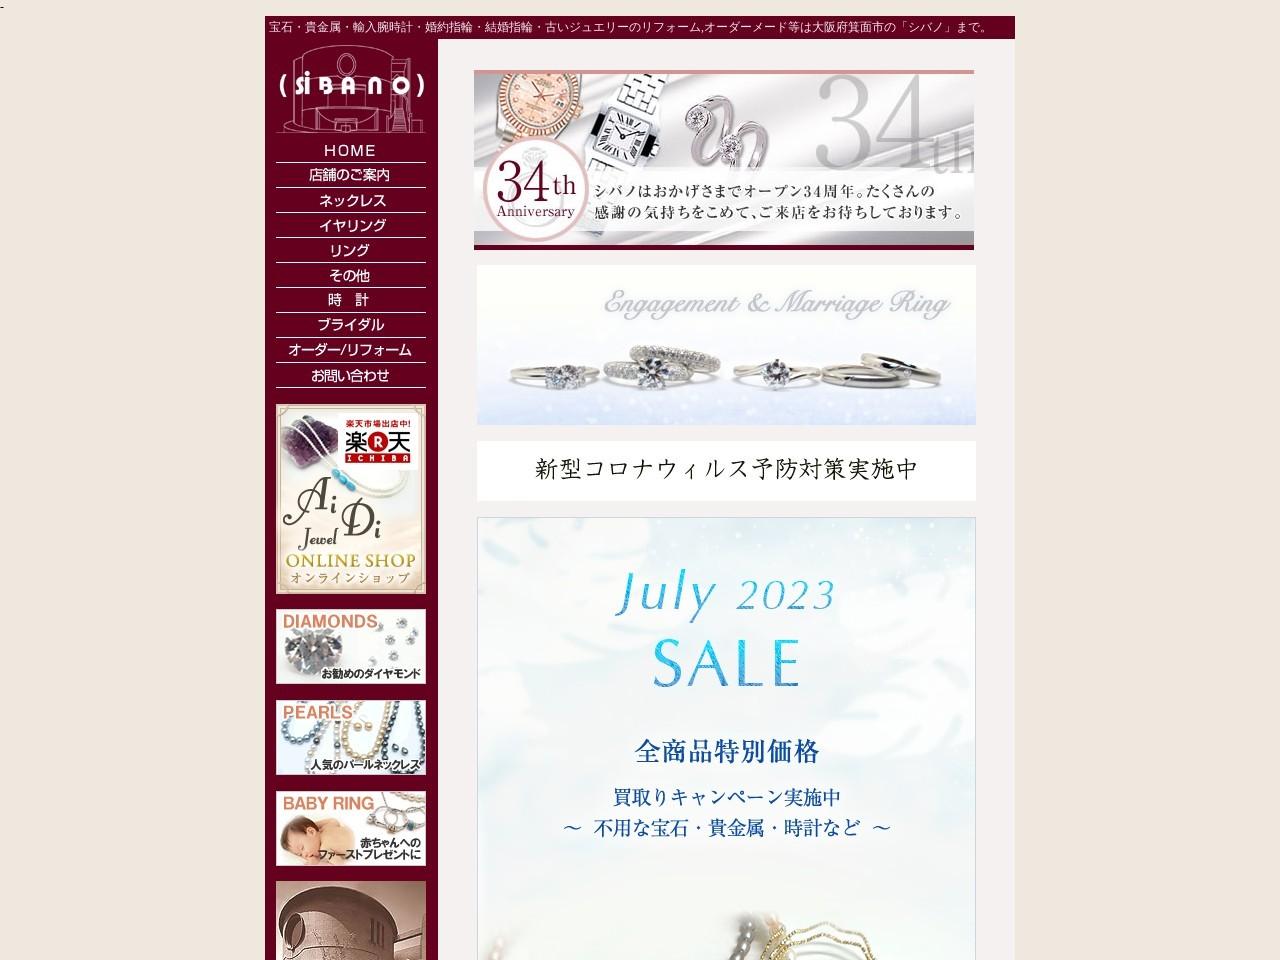 ロレックス ジュエリー&ウォッチ シバノ 大阪府箕面市 高級輸入時計と貴金属・宝石の販売